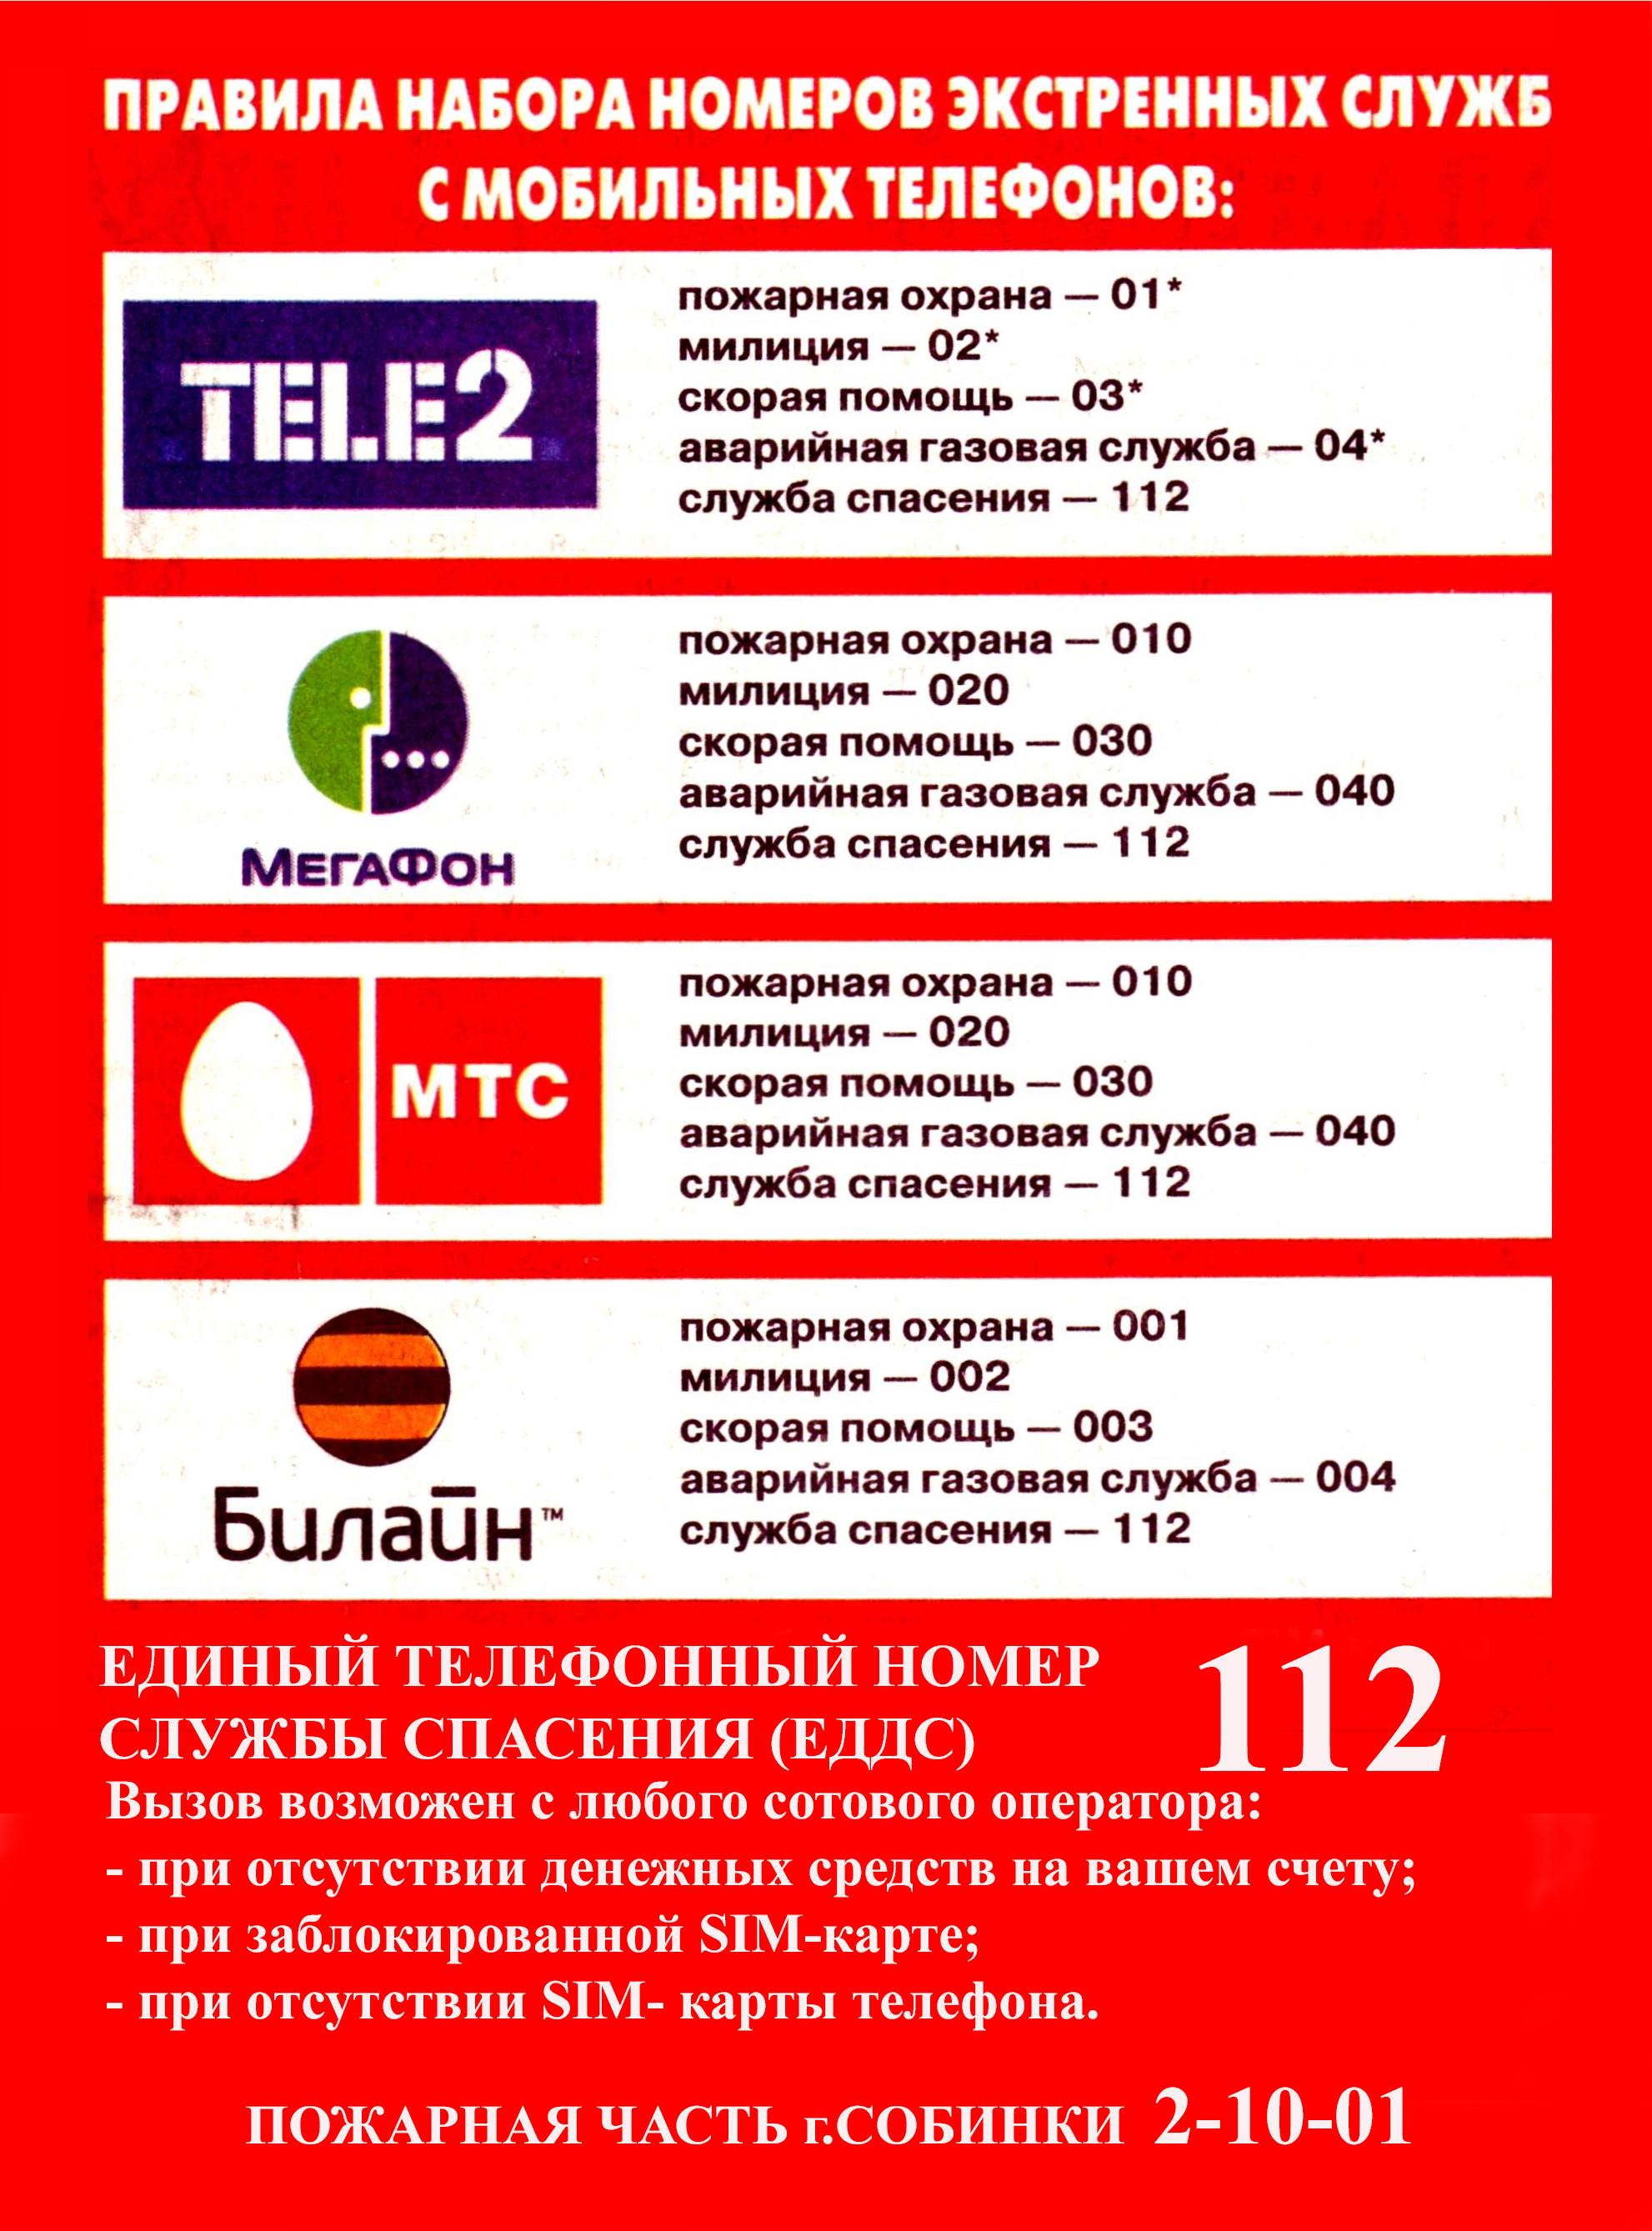 аварийная служба электросети петрозаводск телефон при оптимальной